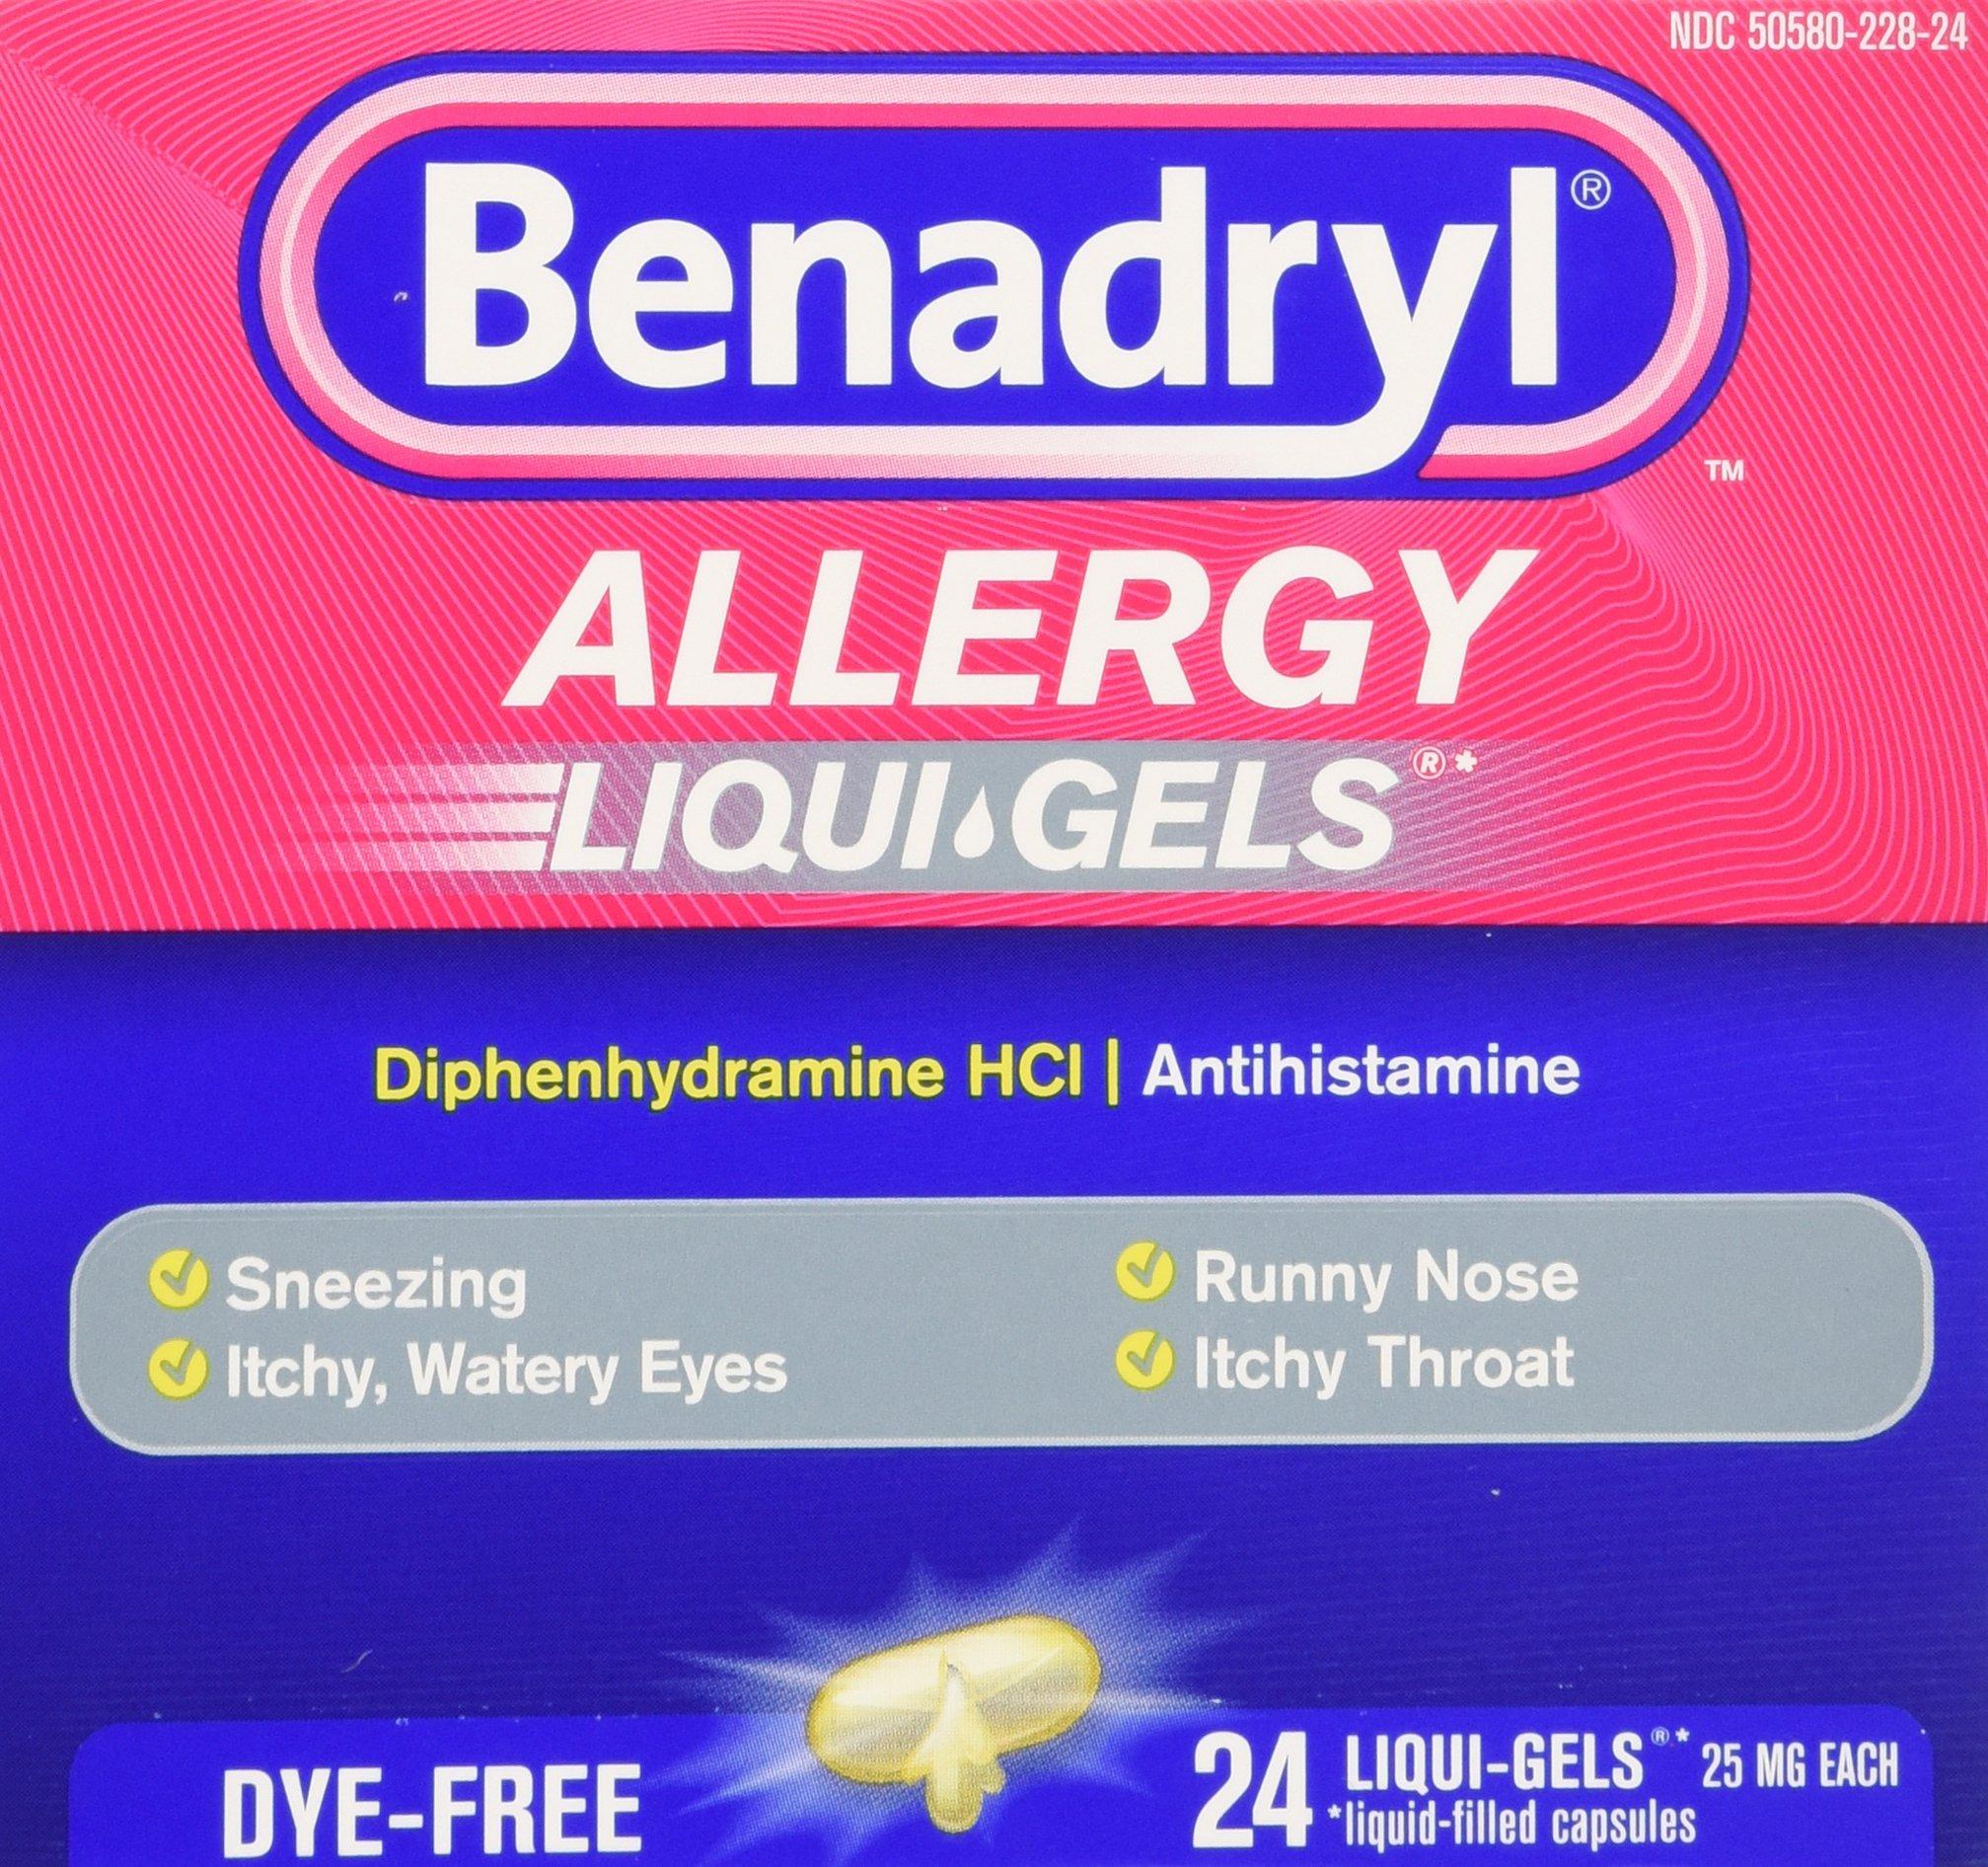 Benadryl Dye-Free Allergy Reliefs, 24-Count Liqui-gels (Pack of 4) by Benadryl